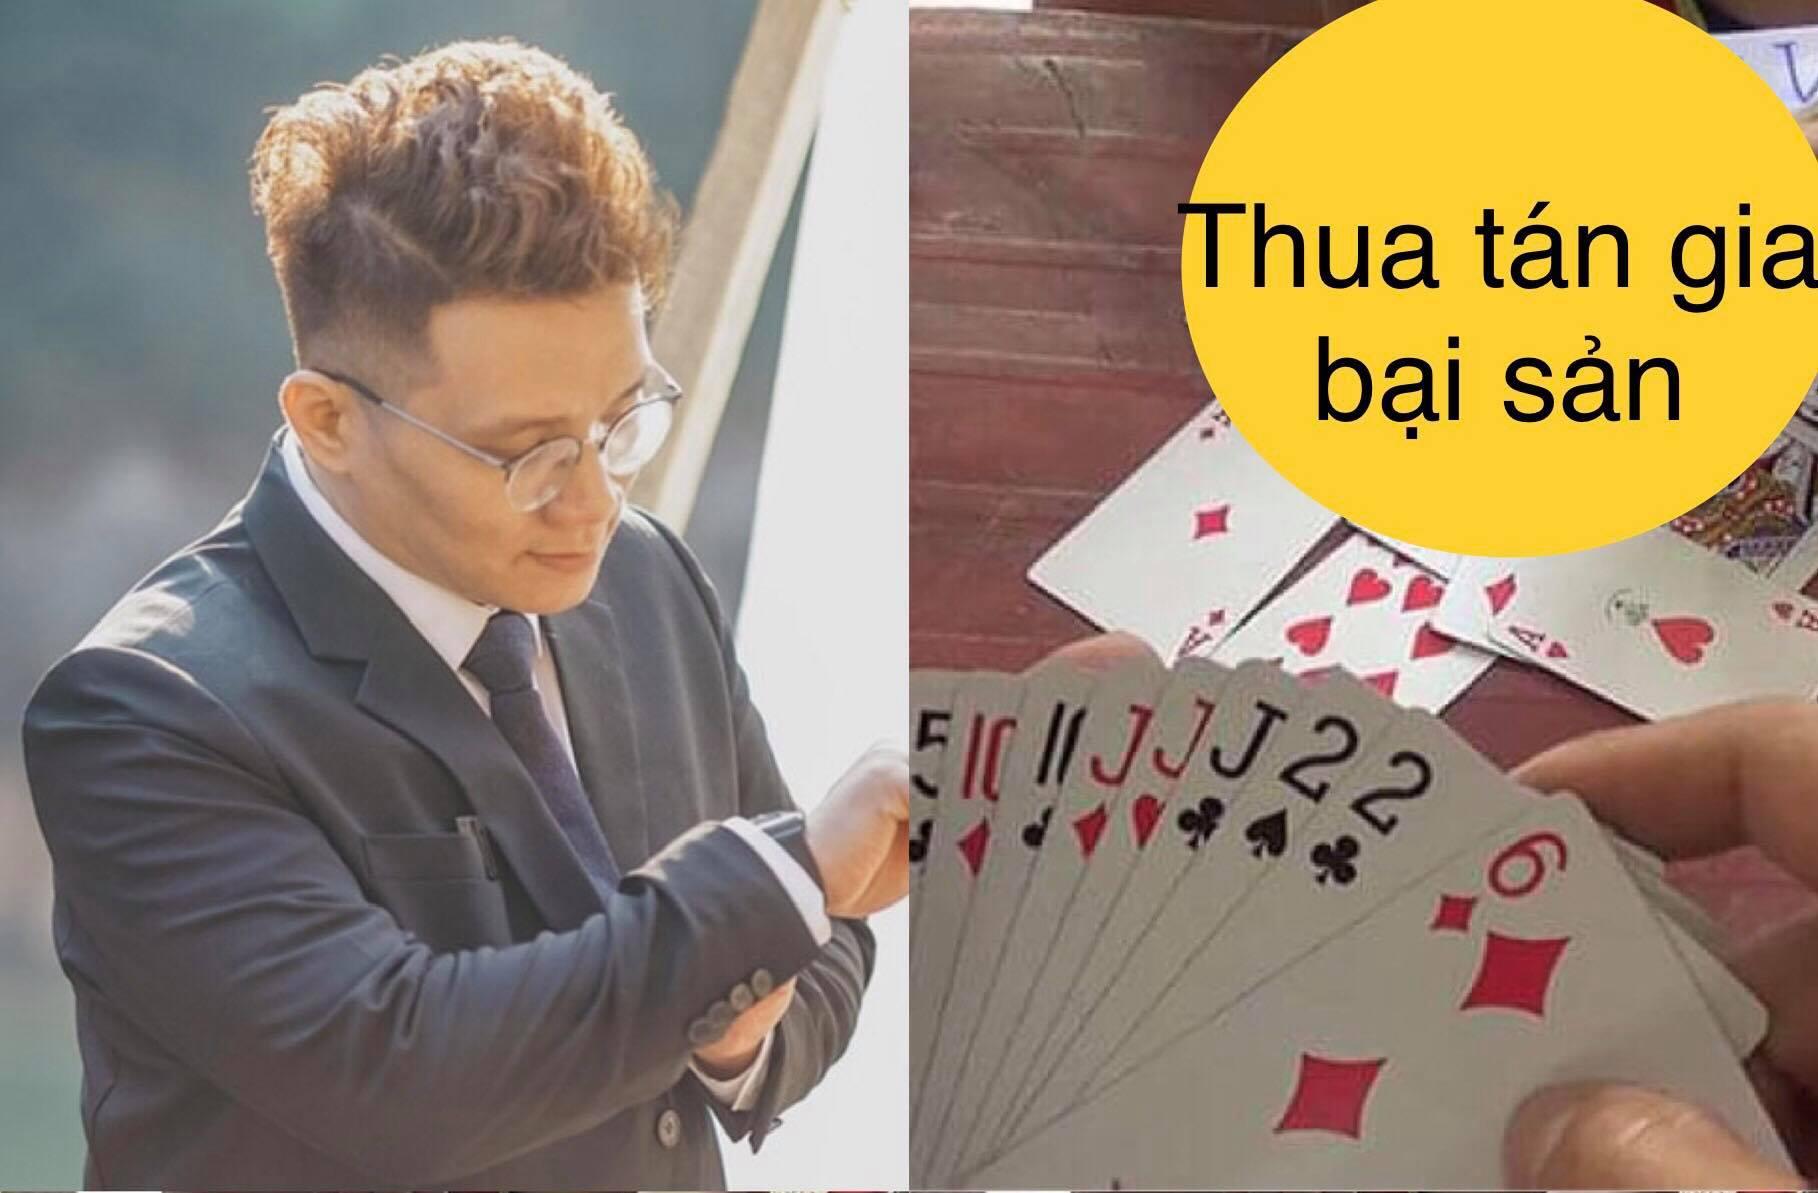 Nhâm Hoàng Khang bất ngờ 'bắt bài' status của giọng ca 'Kiếp đỏ đen', ẩn ý 'người xấu sống rạo rực'